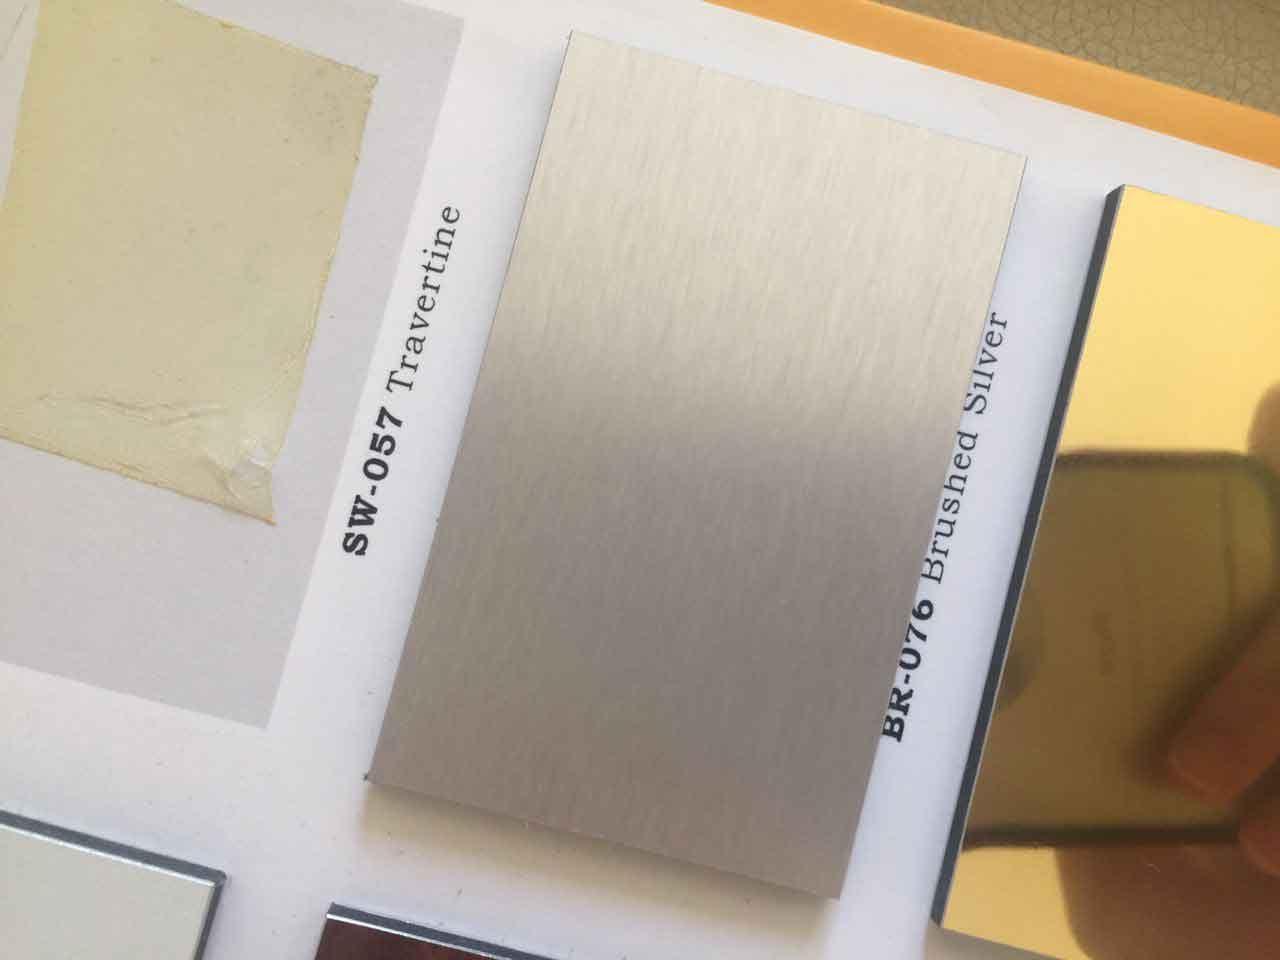 ورق کامپوزیت طرح خش دار نقره ای آلومکس با کد BR-076